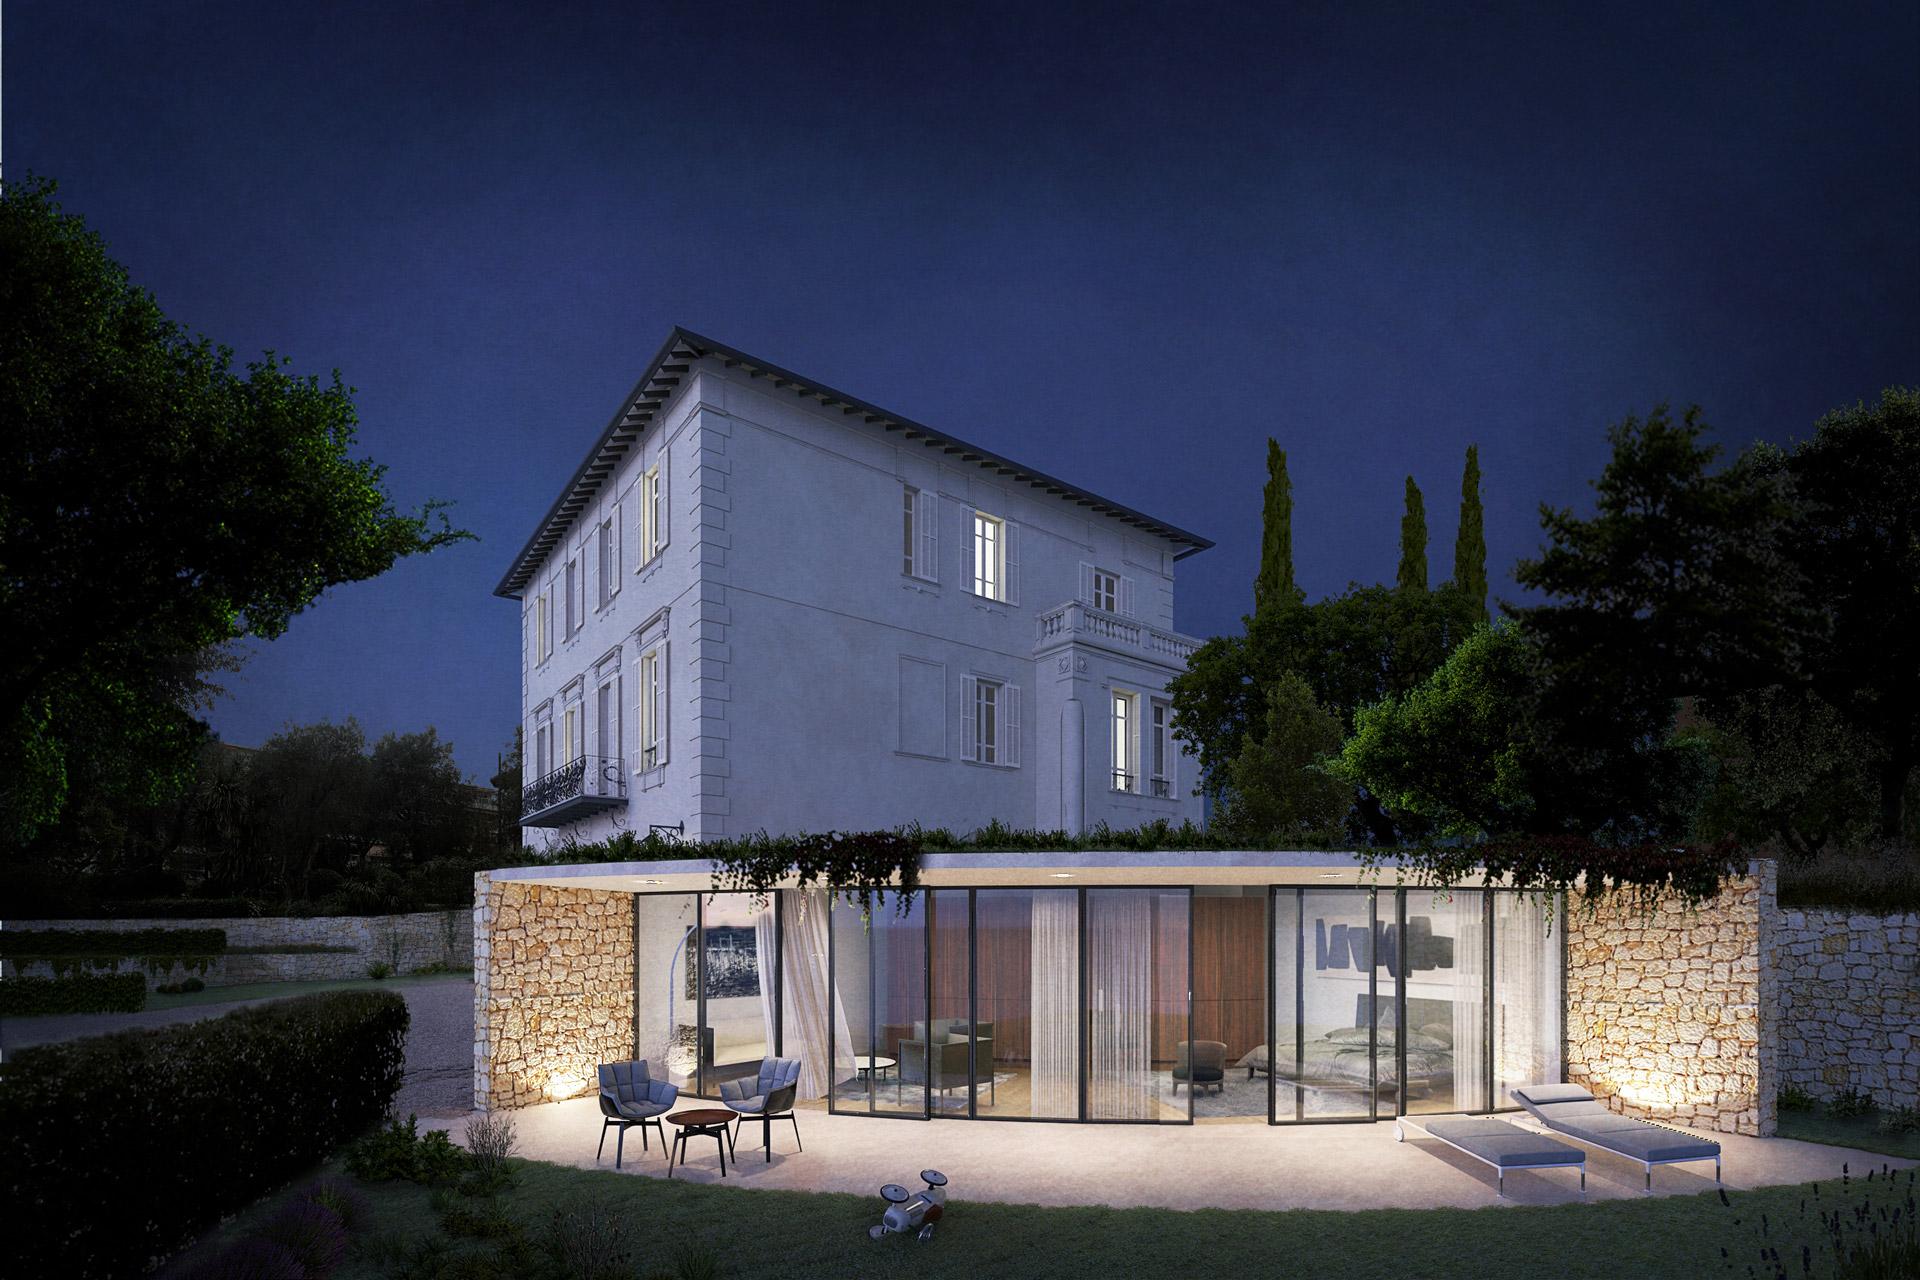 Lavoro Per Architetti Torino lo studio - peter jaeger architetti